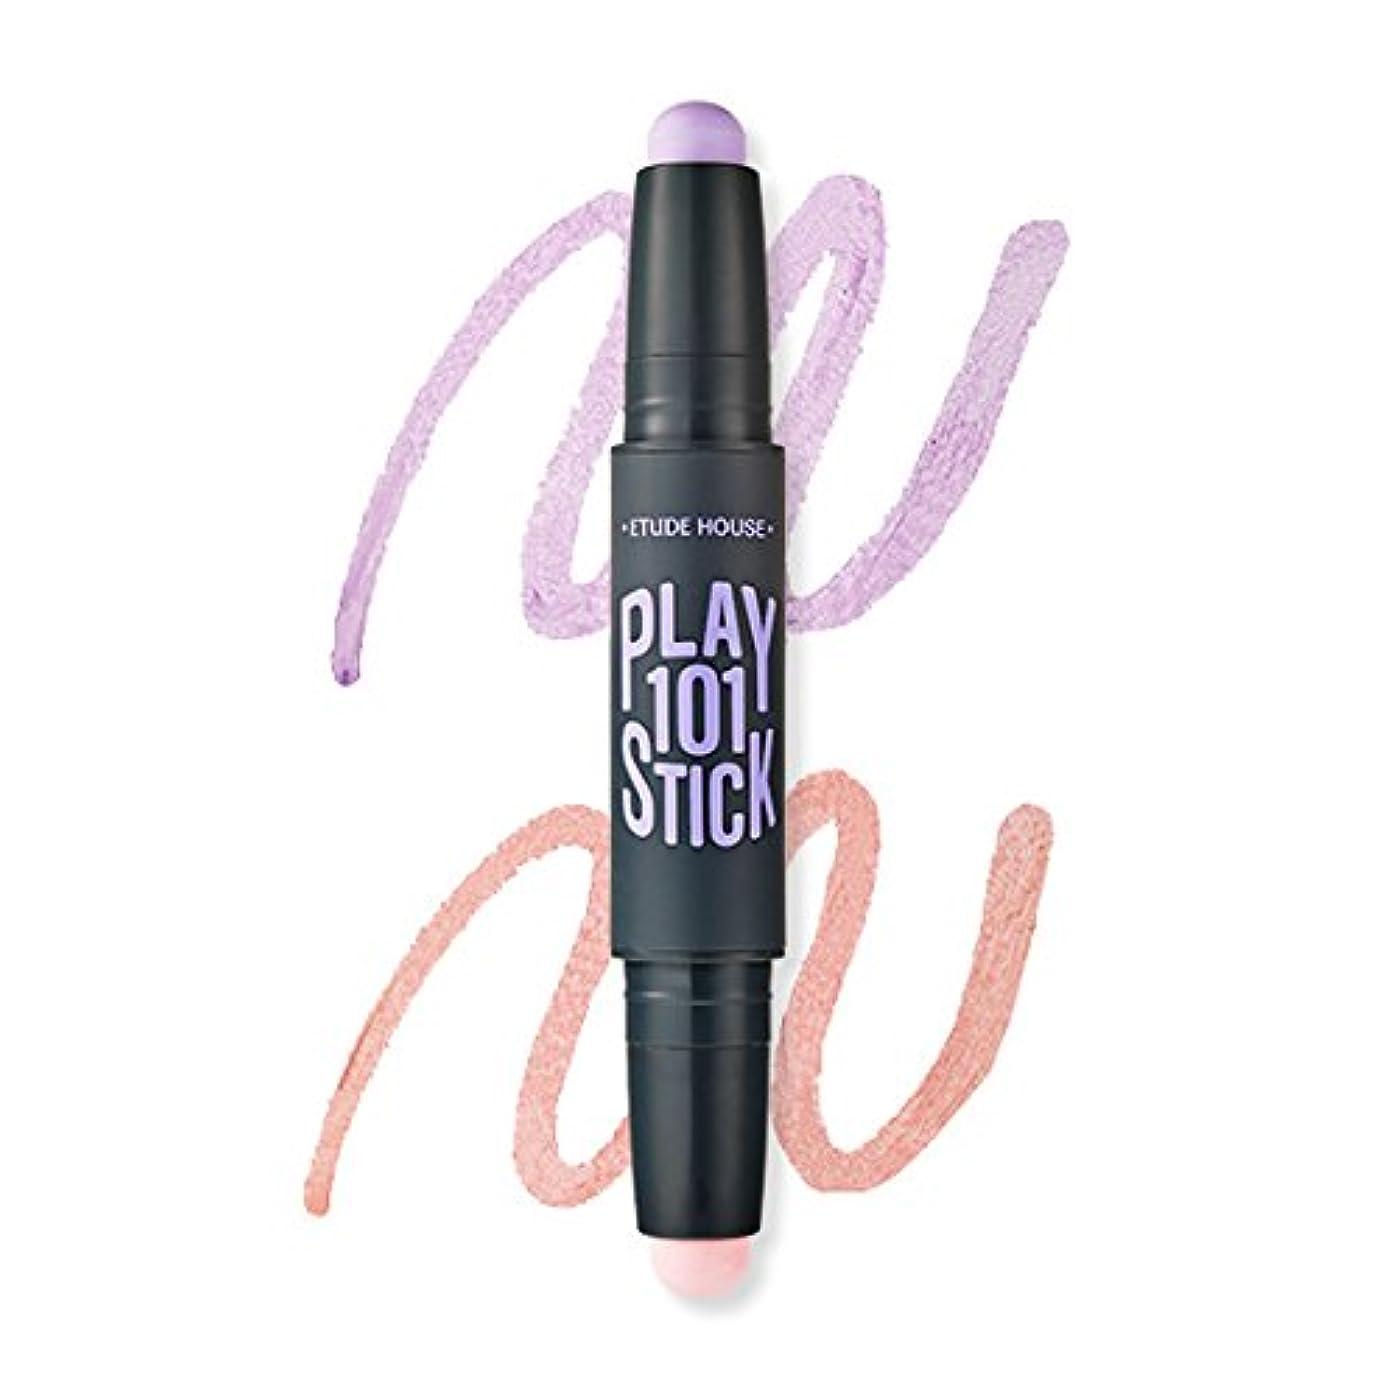 不要控える固執[New] ETUDE HOUSE Play 101 Stick Color Contour Duo/エチュードハウス プレイ 101 スティック カラー コンツアー デュオ (#03 Dark Out:Lavender...